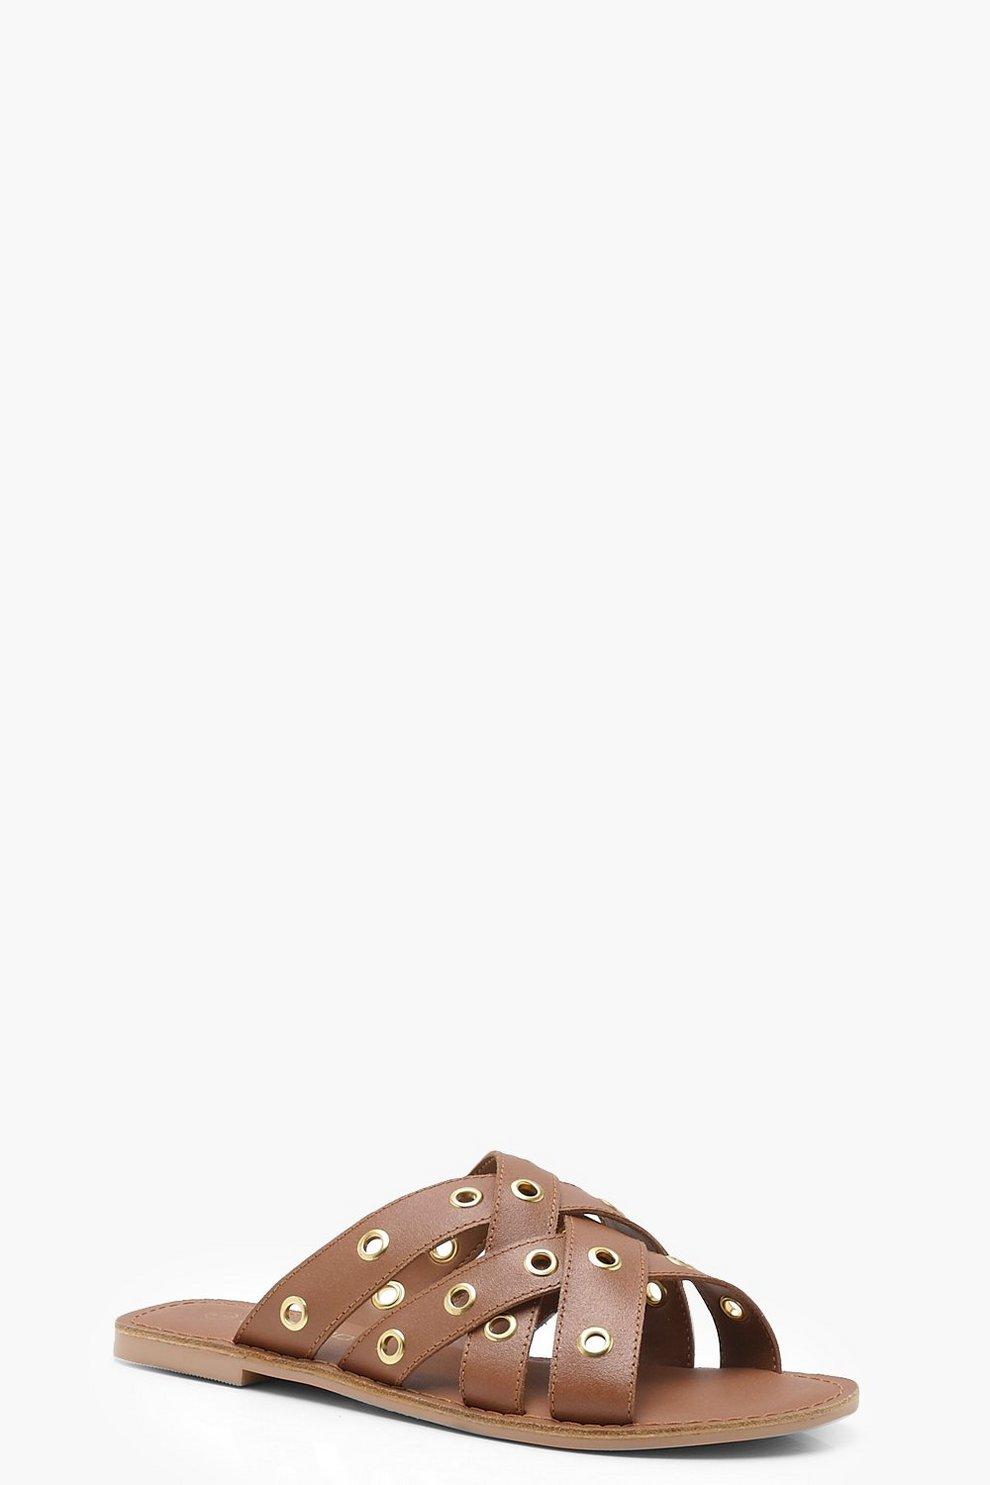 Sandali in pelle con cinturino intessuto e occhielli El Pago De Descuento Visa Sitios Web De Venta Online Venta Precios Baratos Pagar Con Visa En Línea Barata znOPnsz